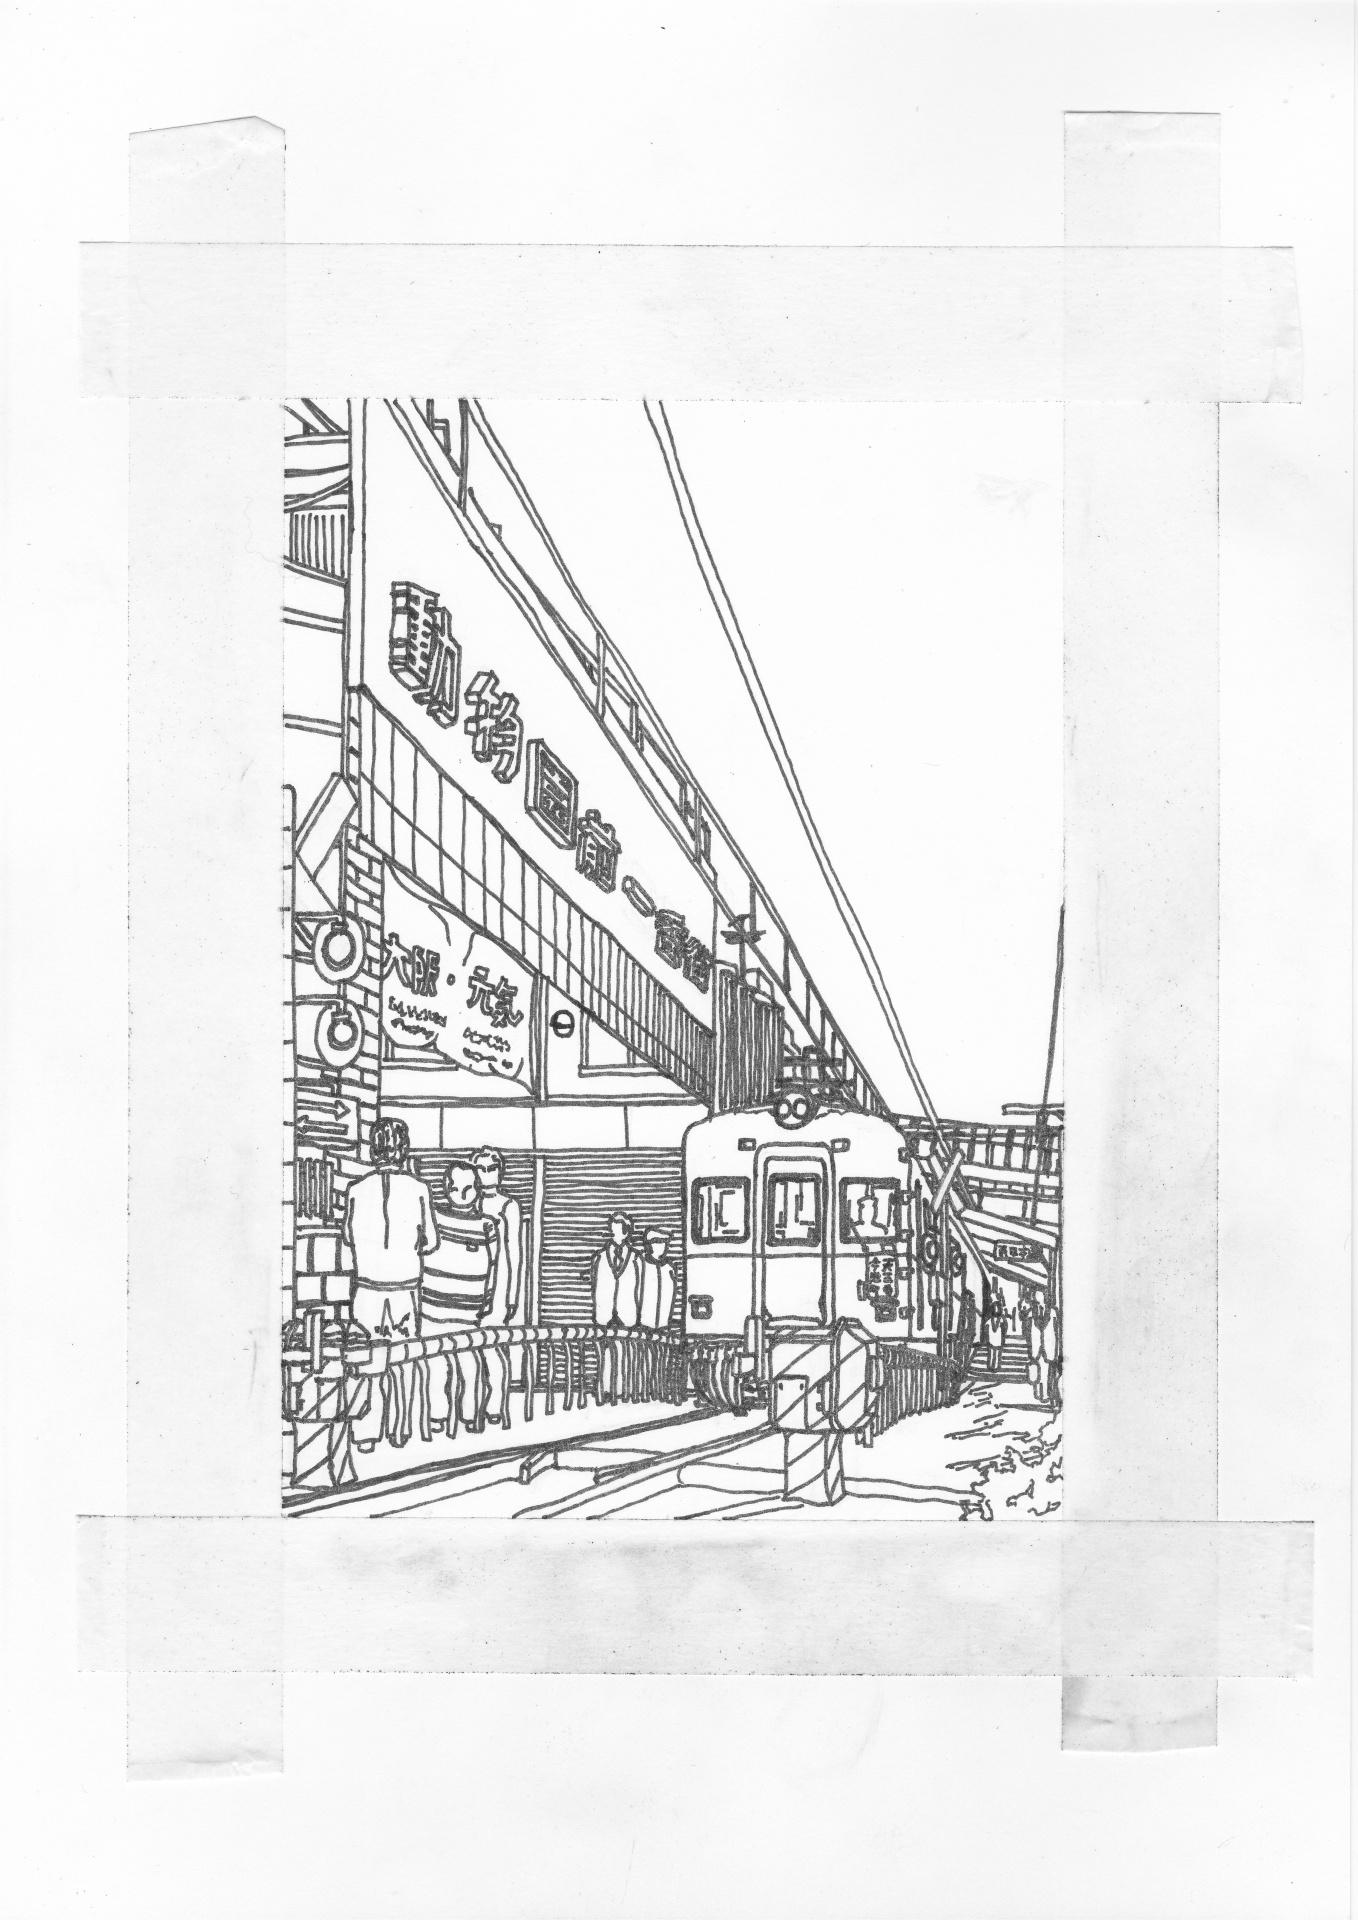 ペン入れを終えた南海電車のイラスト